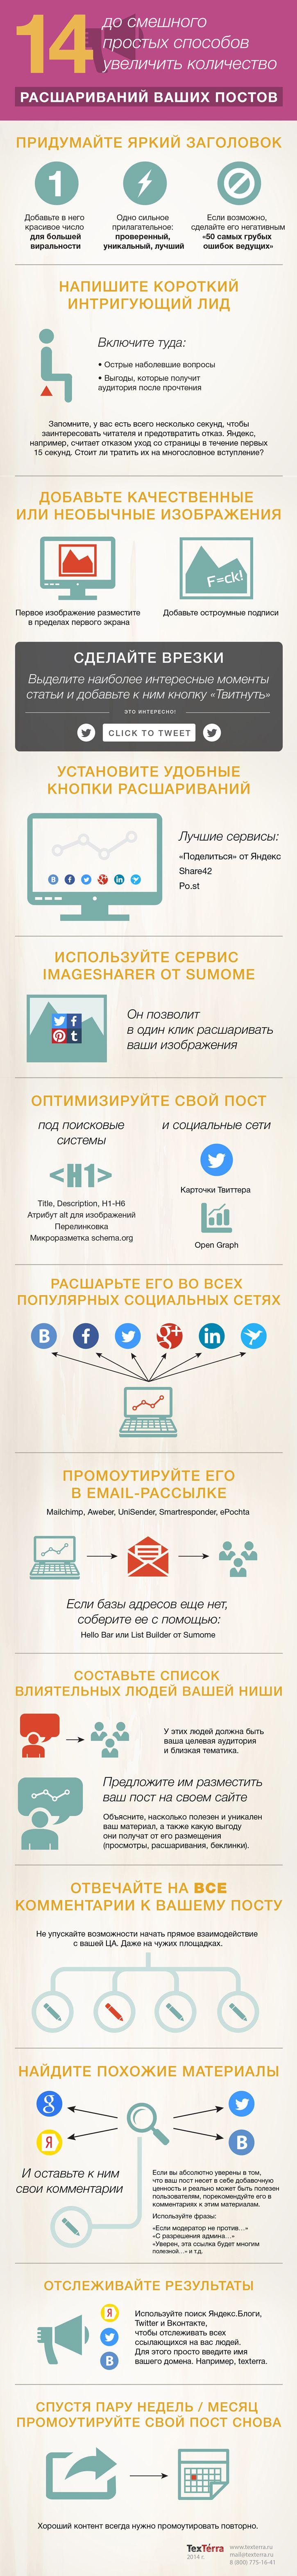 Інфографіка: як зробити так, щоб Ваша робота не пропала даремно :)))